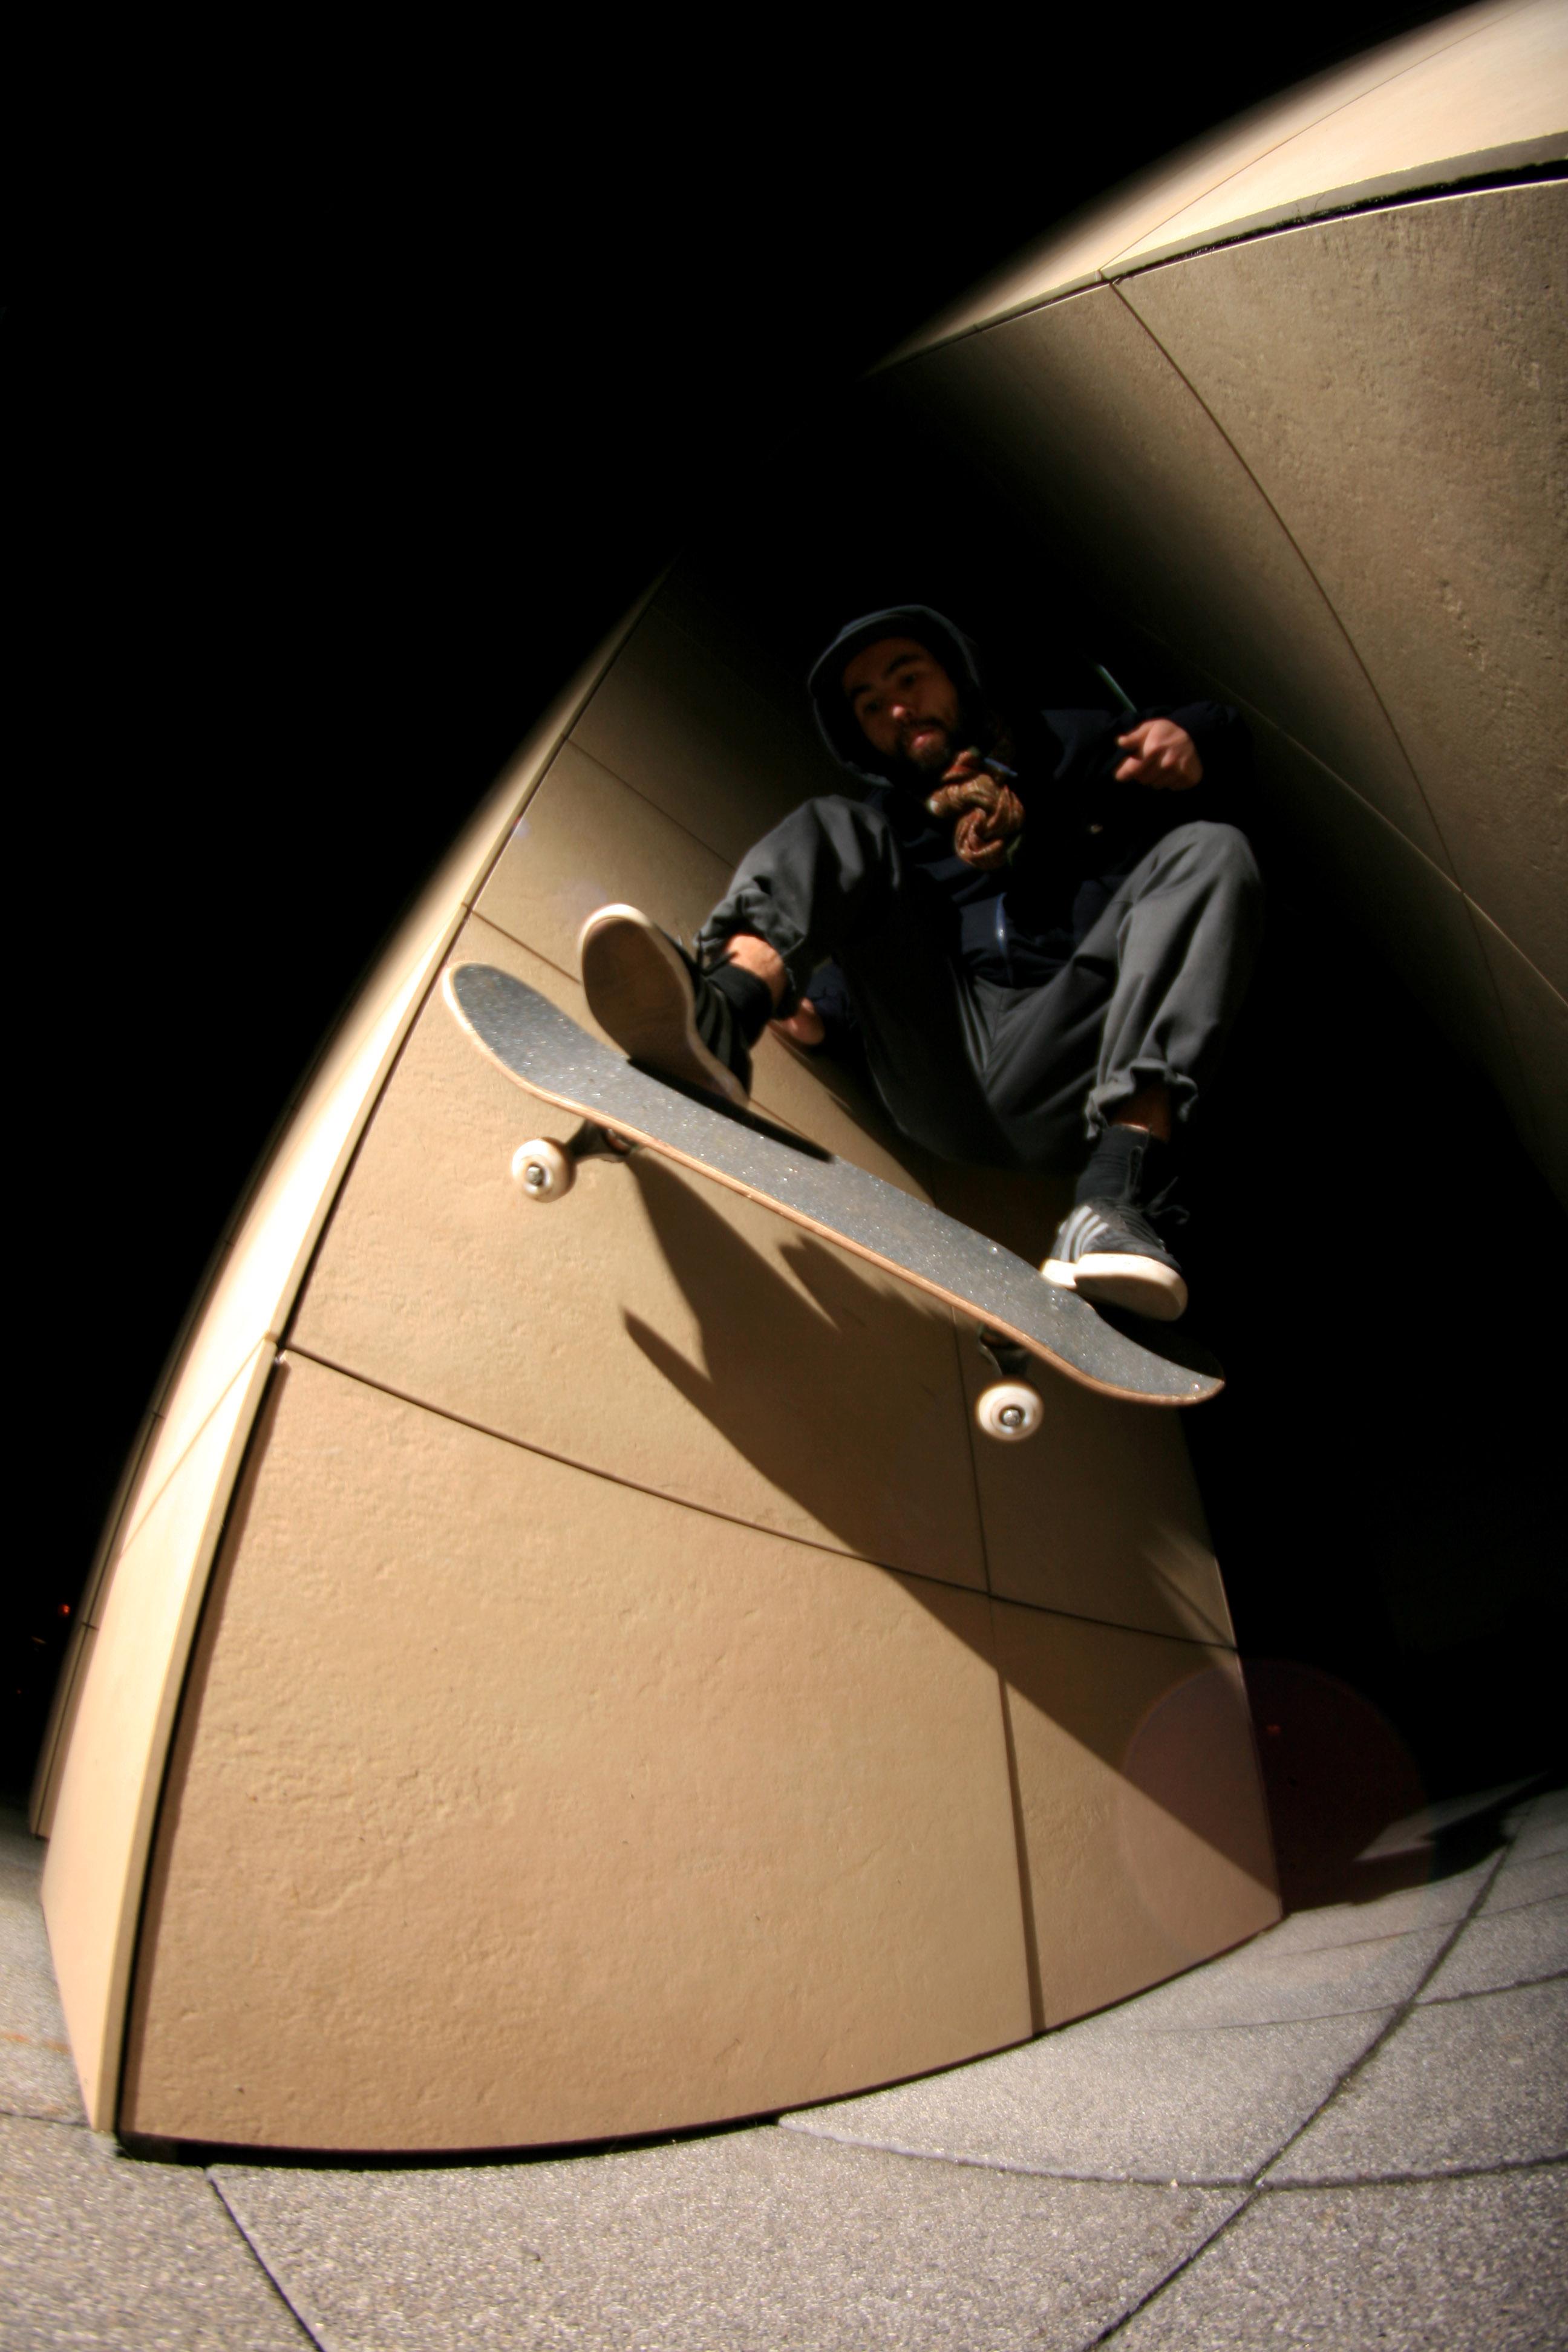 edf55e8787f2 magenta skateboards masaki ui nosejam wallride nollie rios crew rioscrew  budapest hungary